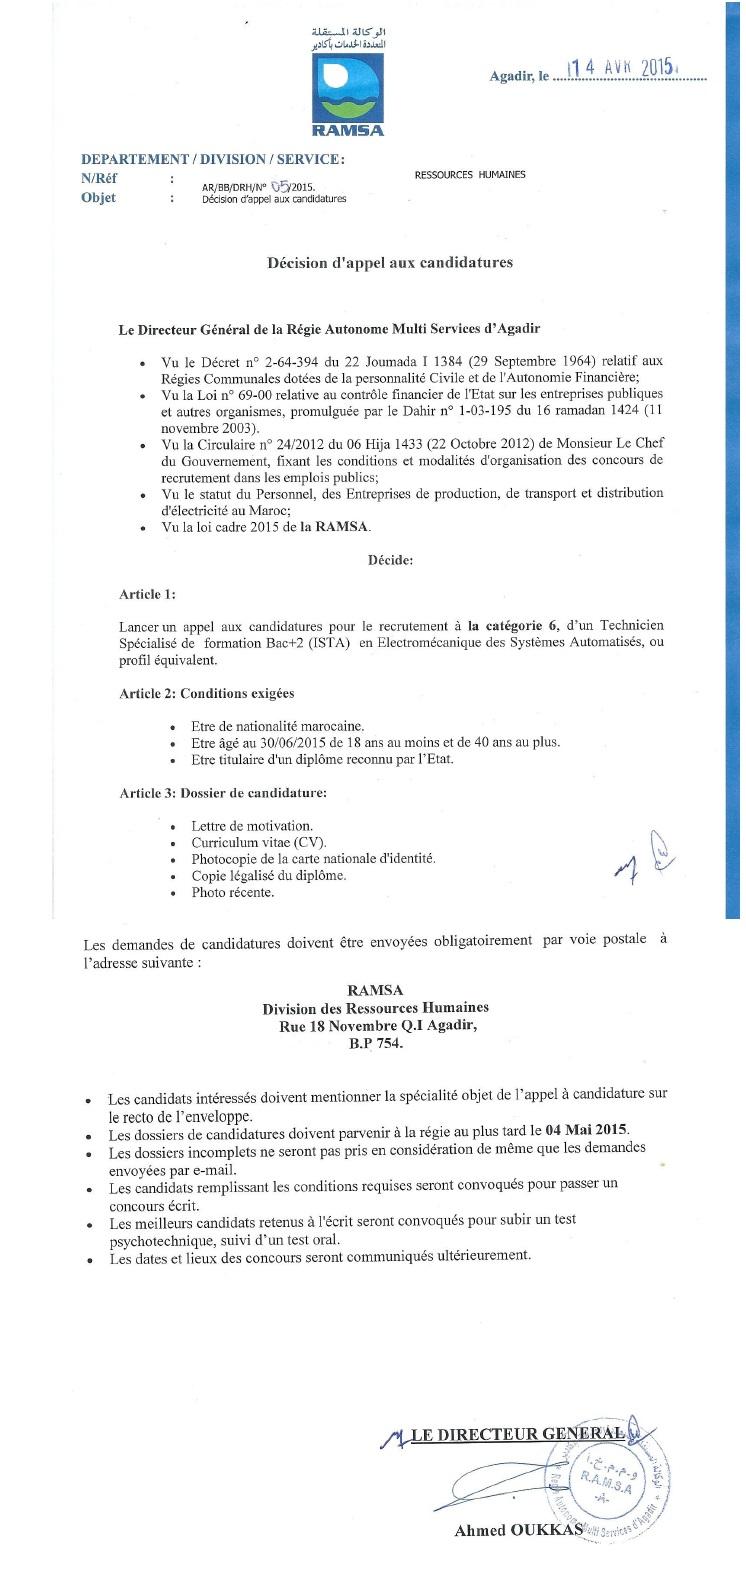 الوكالة المستقلة المتعددة الخدمات بأكادير : مباراة لتوظيف تقني (10 مناصب) آخر أجل لإيداع الترشيحات 4 ماي 2015 Concou55